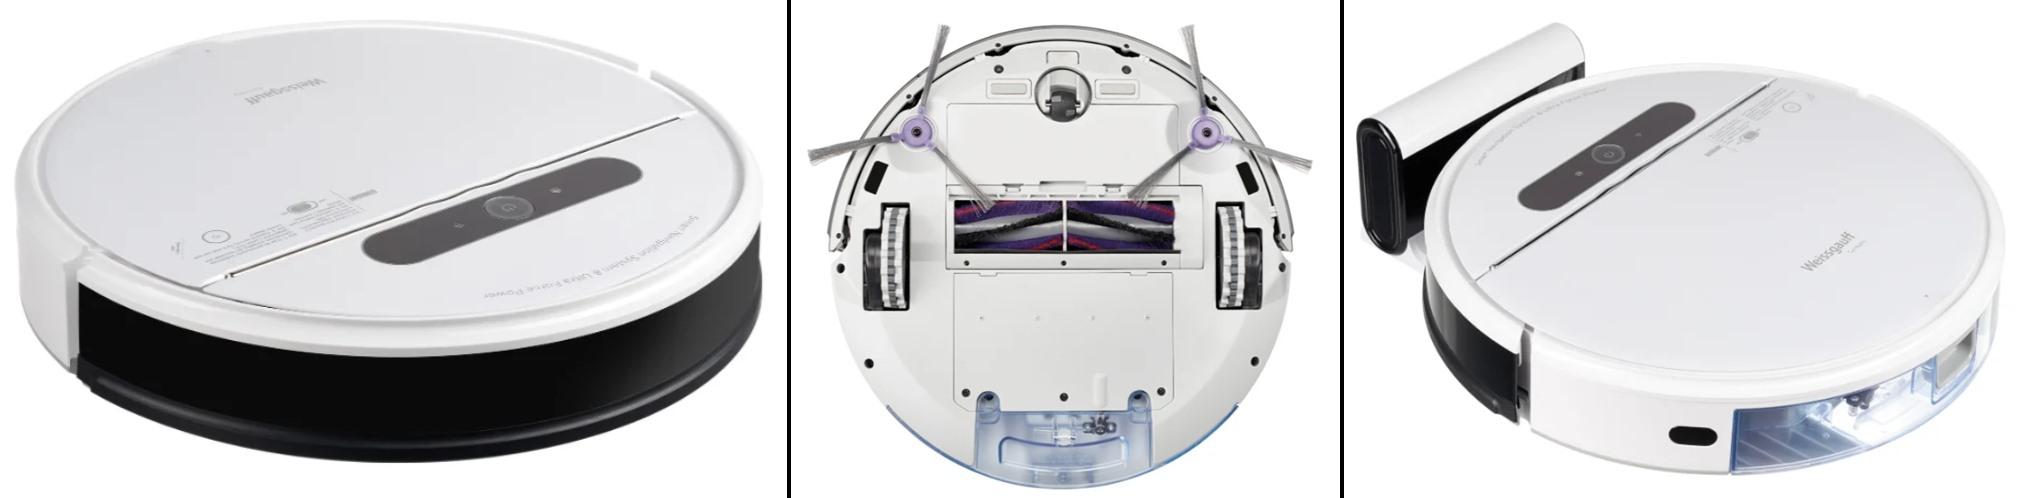 Робот пылесос weissgauff robowash обзор